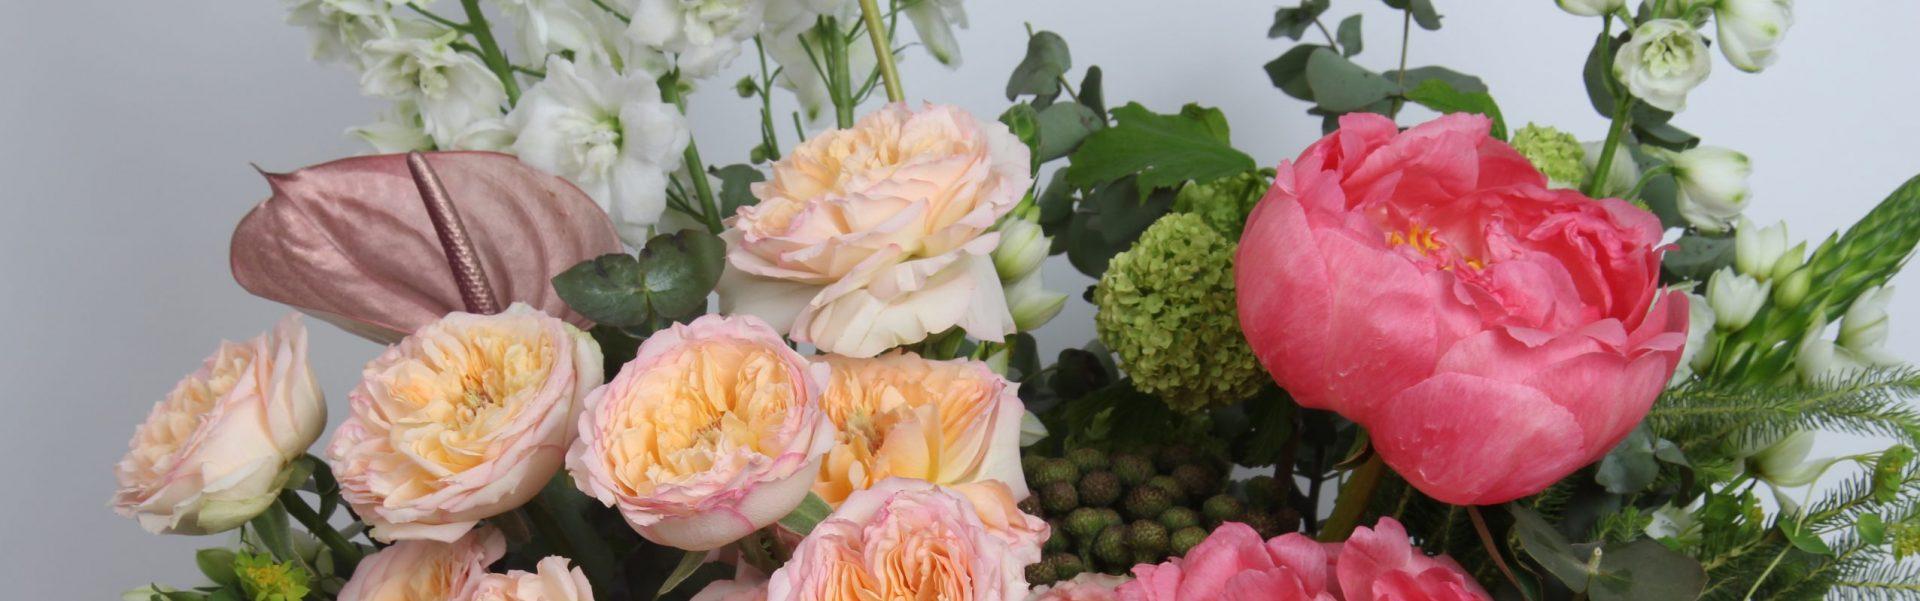 Iwrap Flowers Boutique